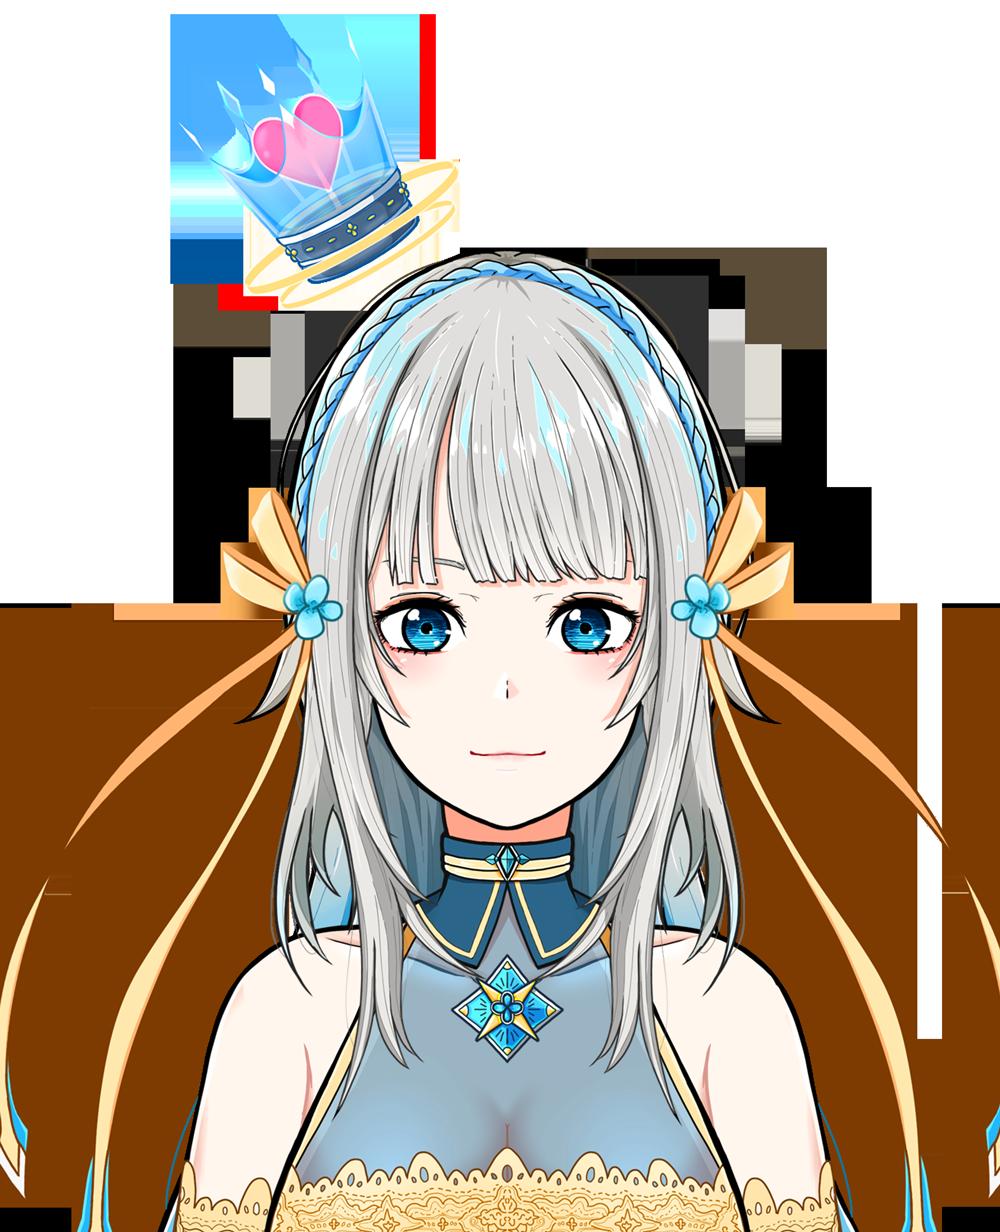 vtuber-character01-0608ver2